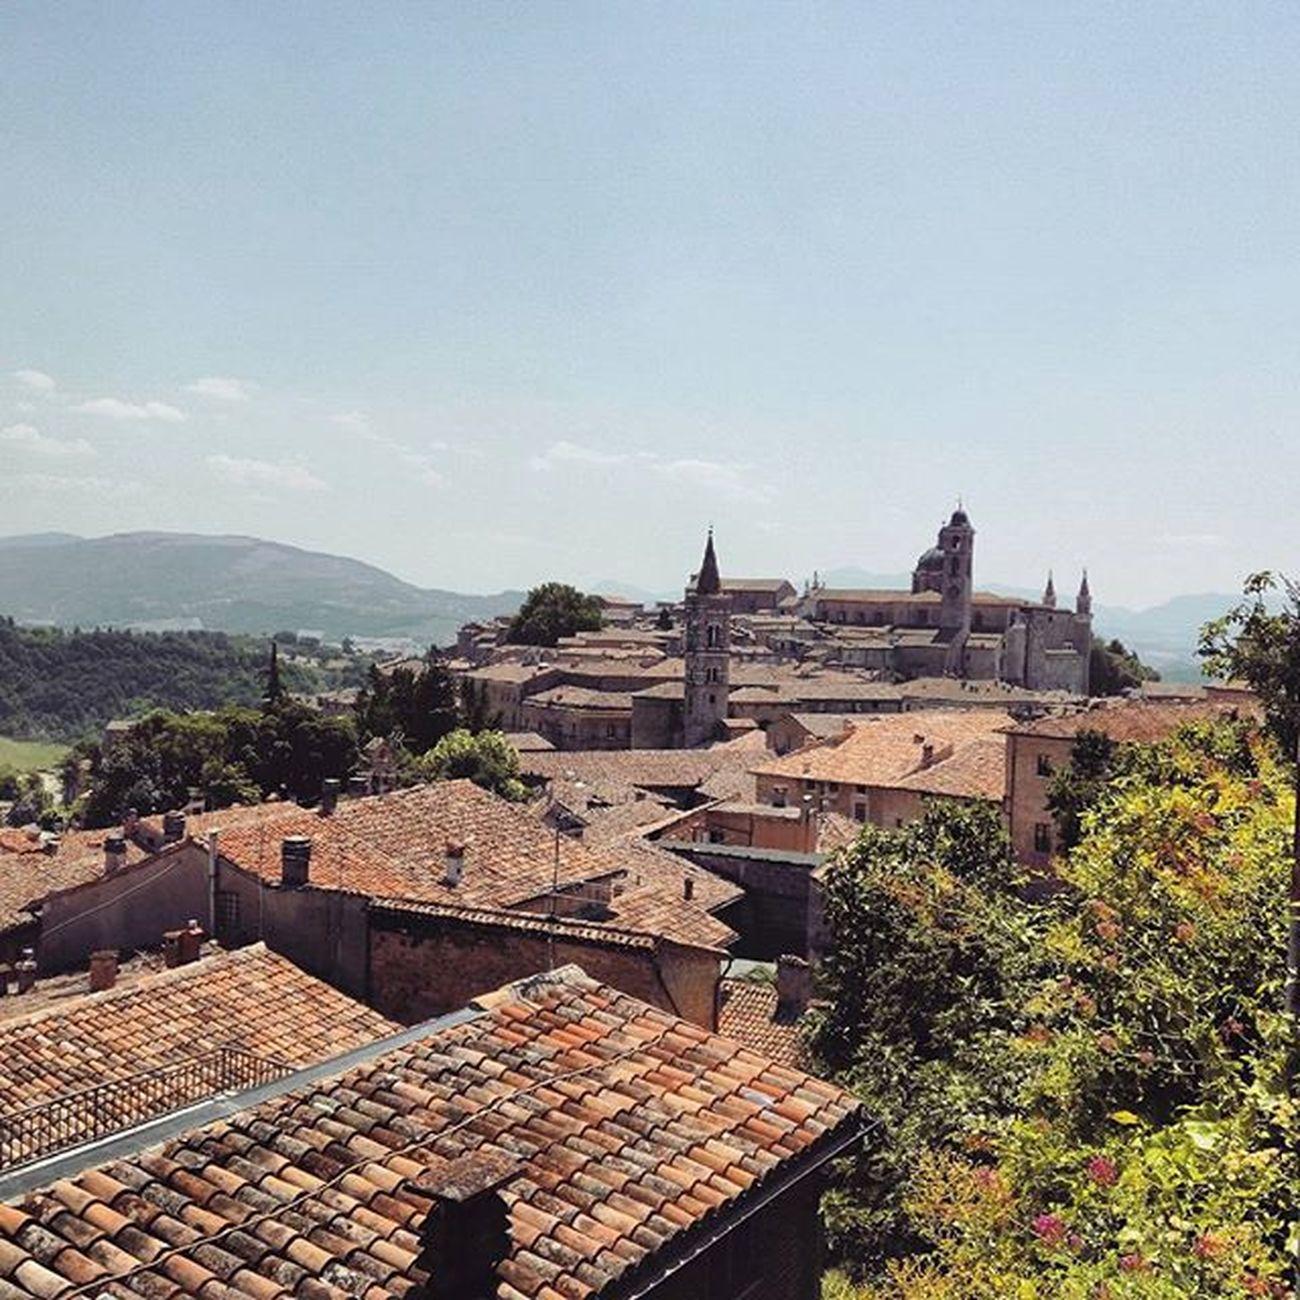 le casette di Urbino Urbino Montefeltro Marche Marcheforyou Whatitalyis